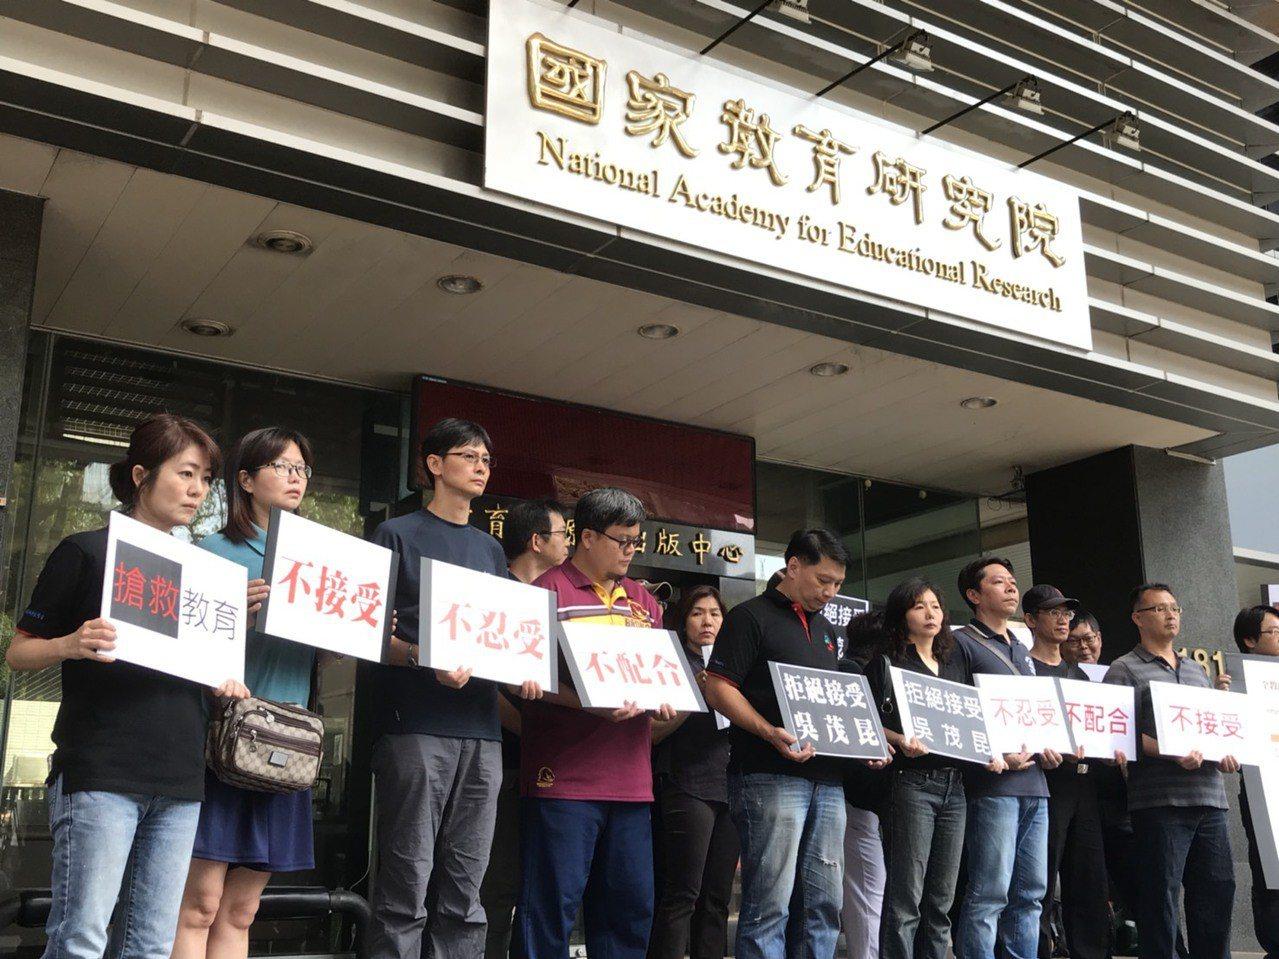 教育部今天舉行12年國教課審大會,4名教師組織和教師代表,拒絕出席由不適格的教育...